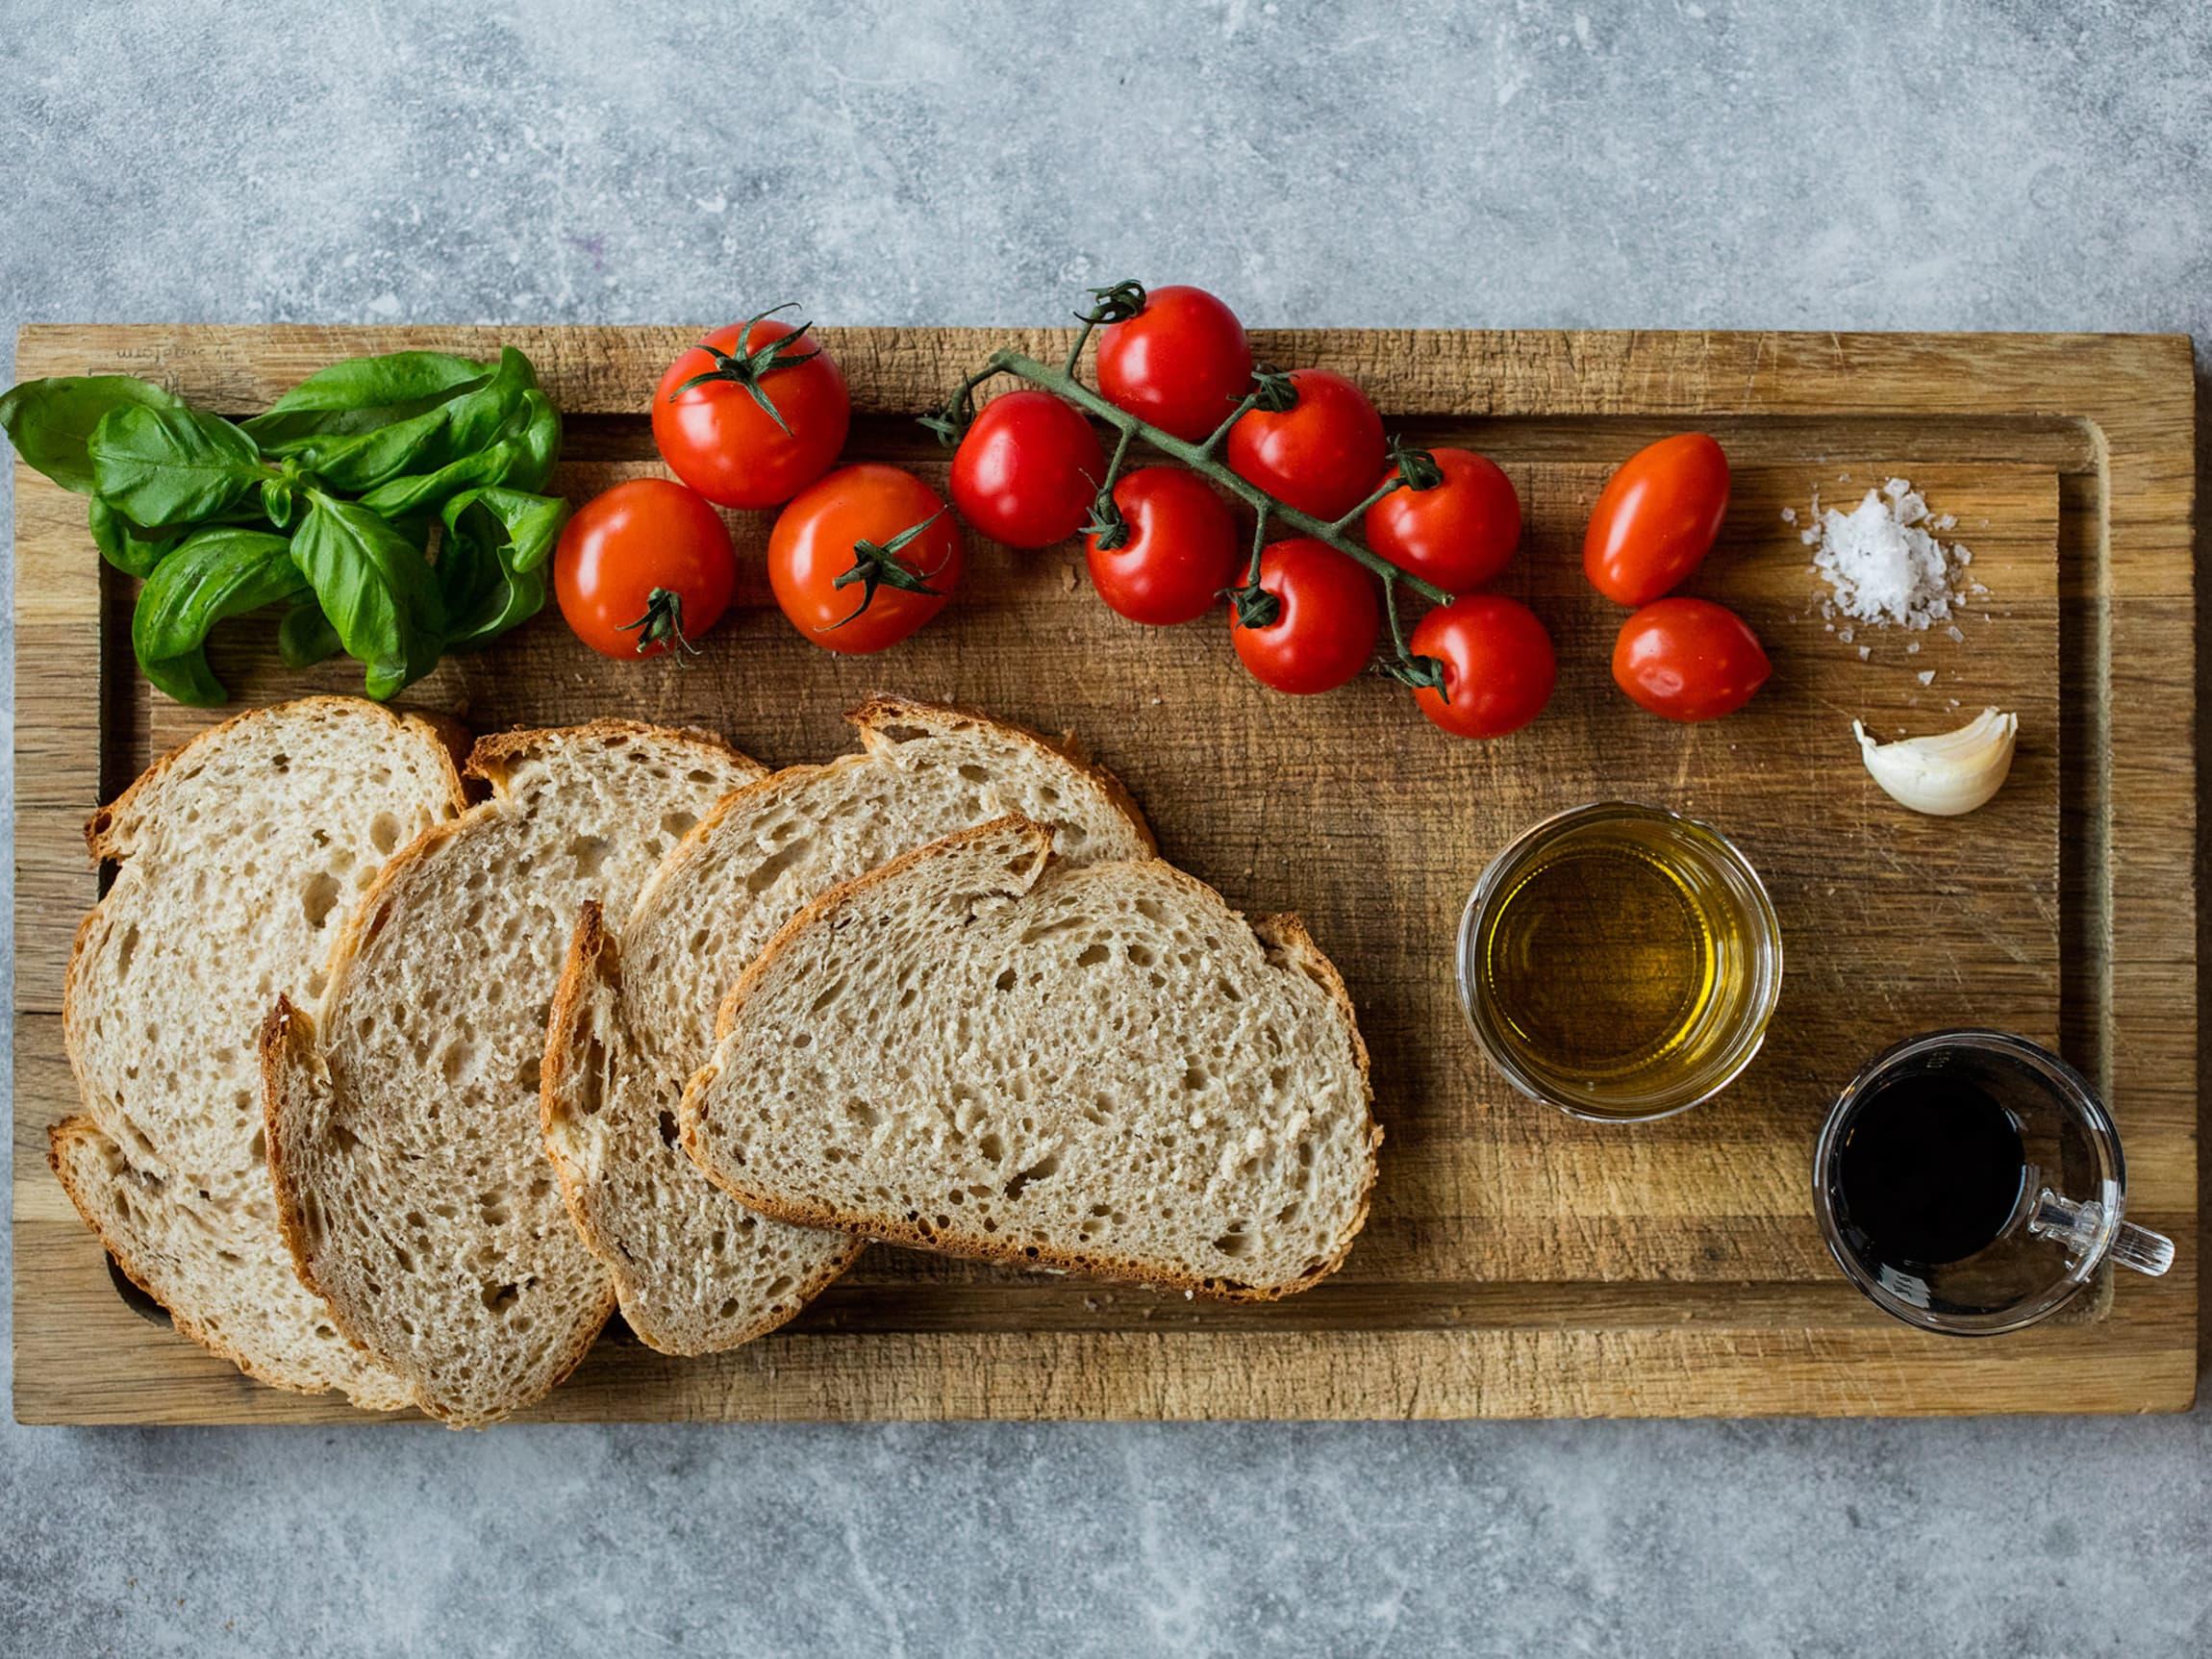 Klassisk bruschetta er fint, gjerne daggammelt brød, grillet i hvitløk, olivenolje og salt, toppet med tomat og basilikum.